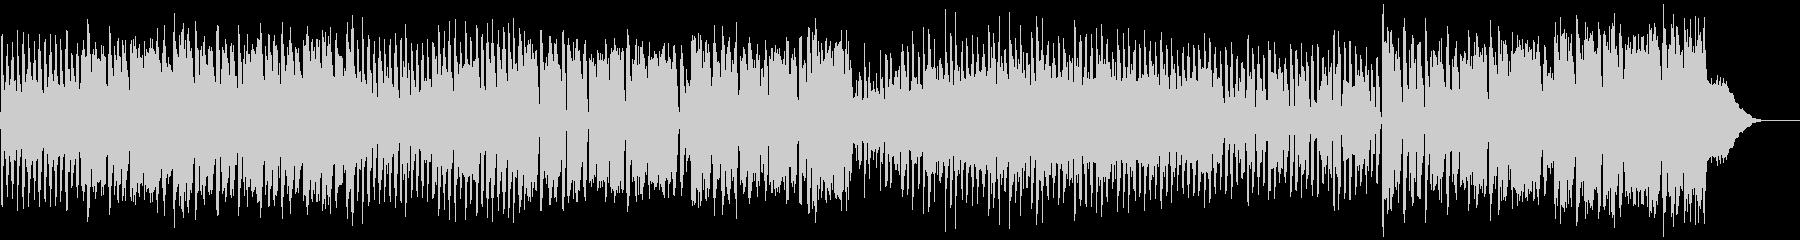 ジャパニーズなポップカルチャーBGMの未再生の波形